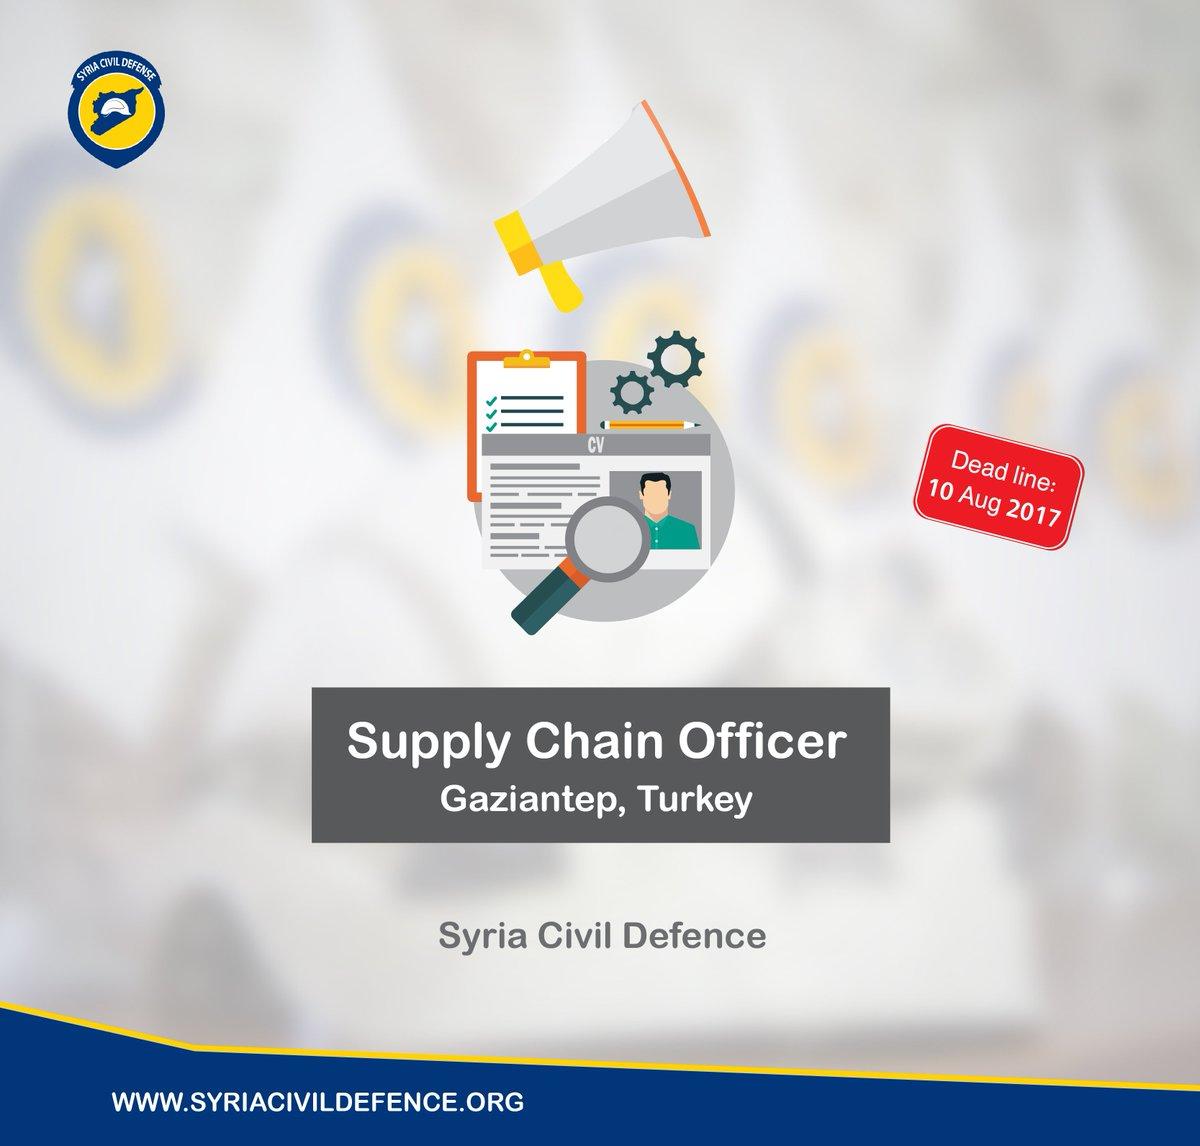 الدفاع المدني السوري On Twitter Job In Syria Civil Defence Supply